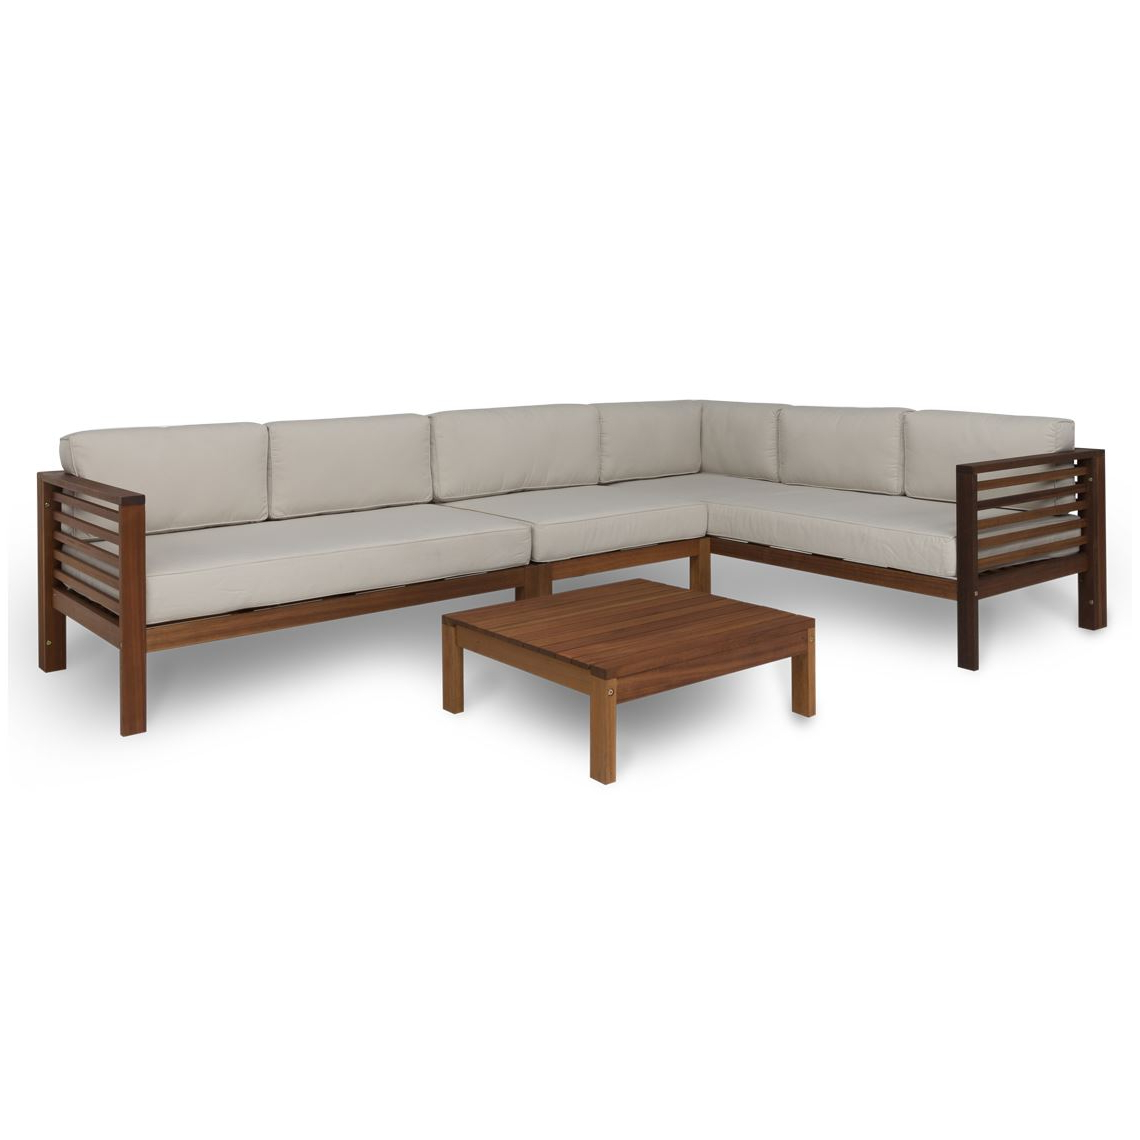 Preferred Jamilla Teak Patio Sofas With Cushion With Regard To Milford 4 Piece Outdoor Lounge Set, Eucalyptus (View 20 of 25)